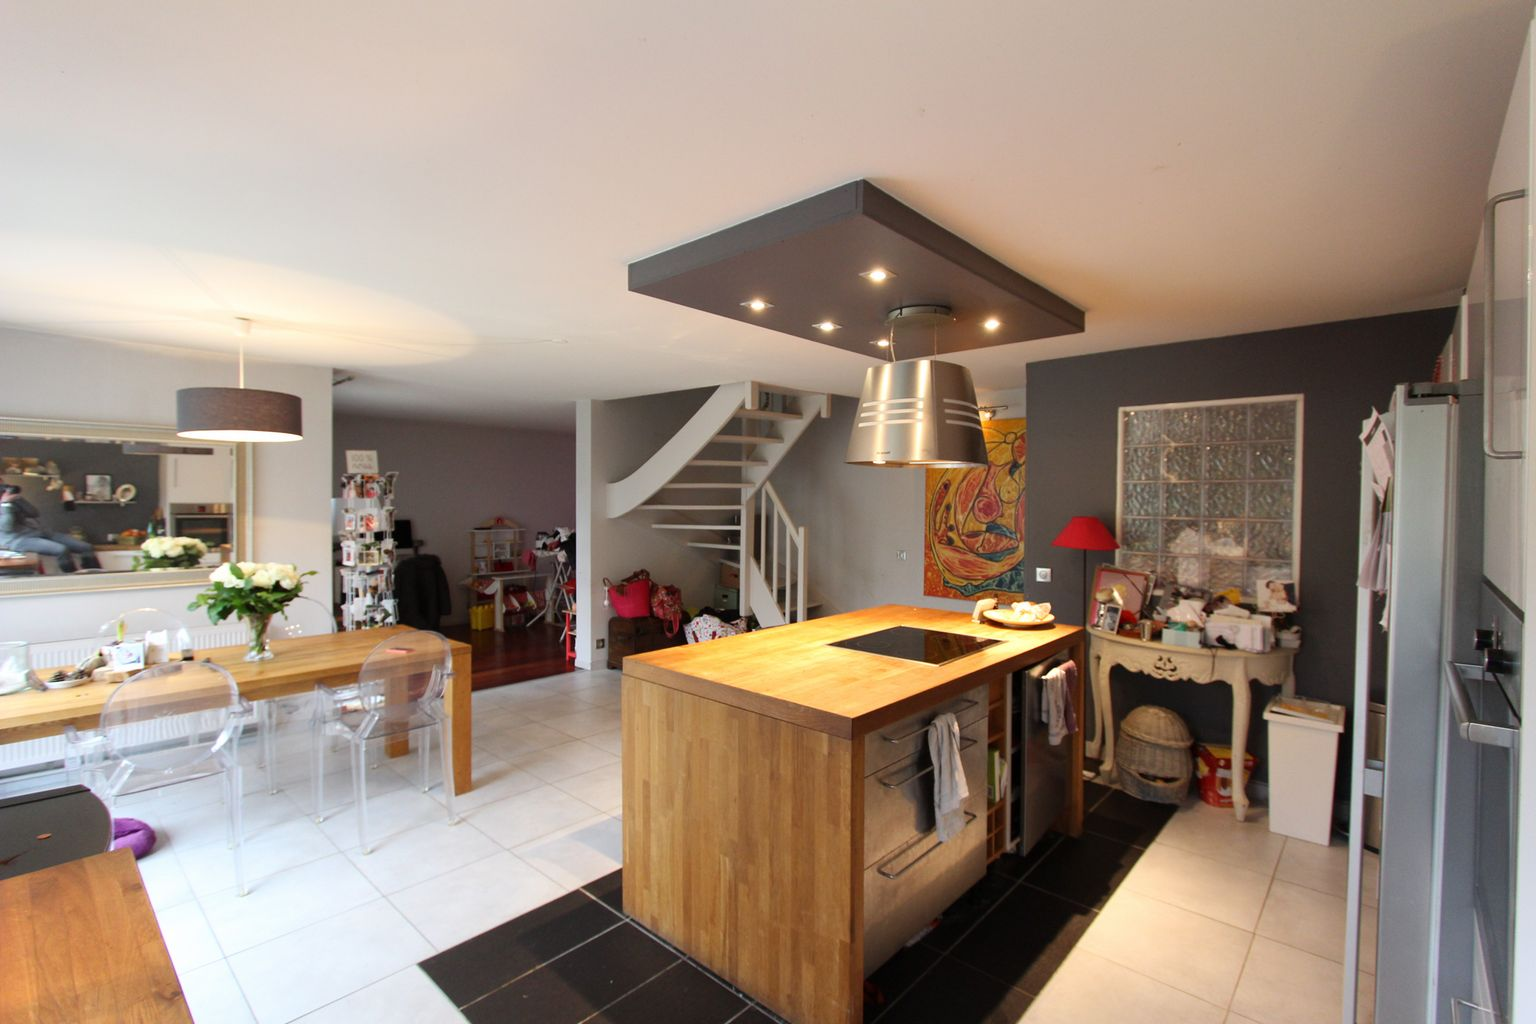 Ventes appartement vendu appartement villeneuve d 39 ascq for Cuisine villeneuve d ascq